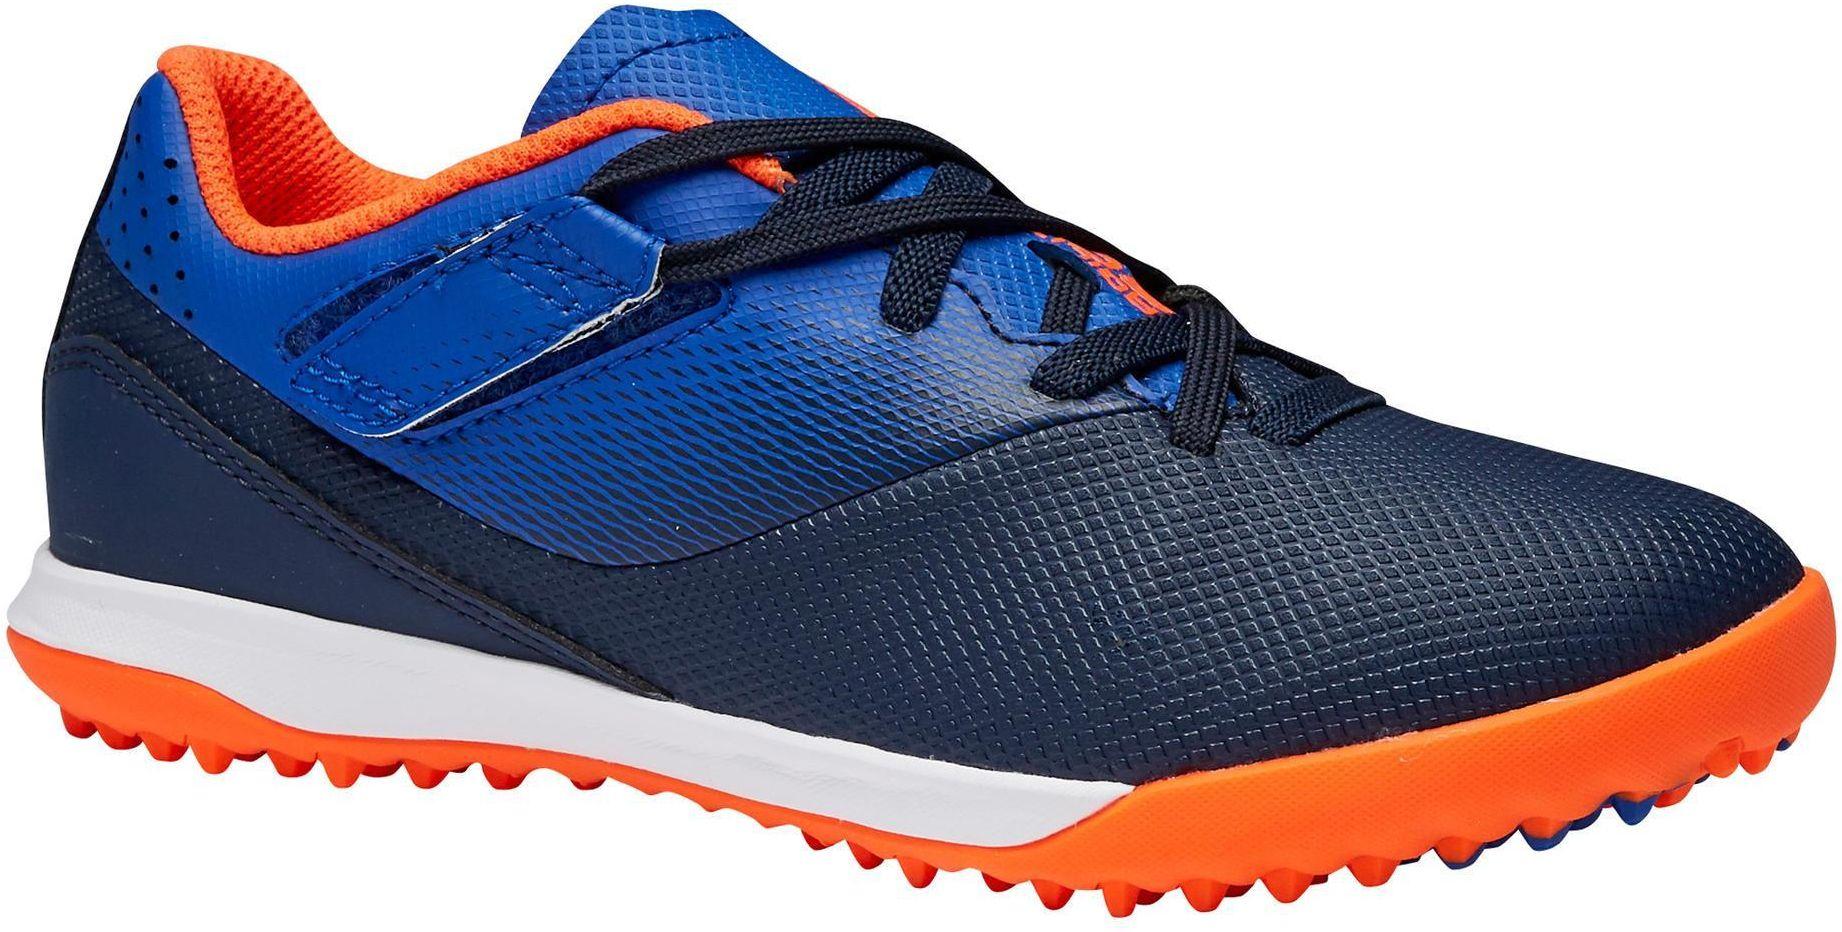 Buty piłkarskie turfy dla dzieci Kipsta Agility 500 HG